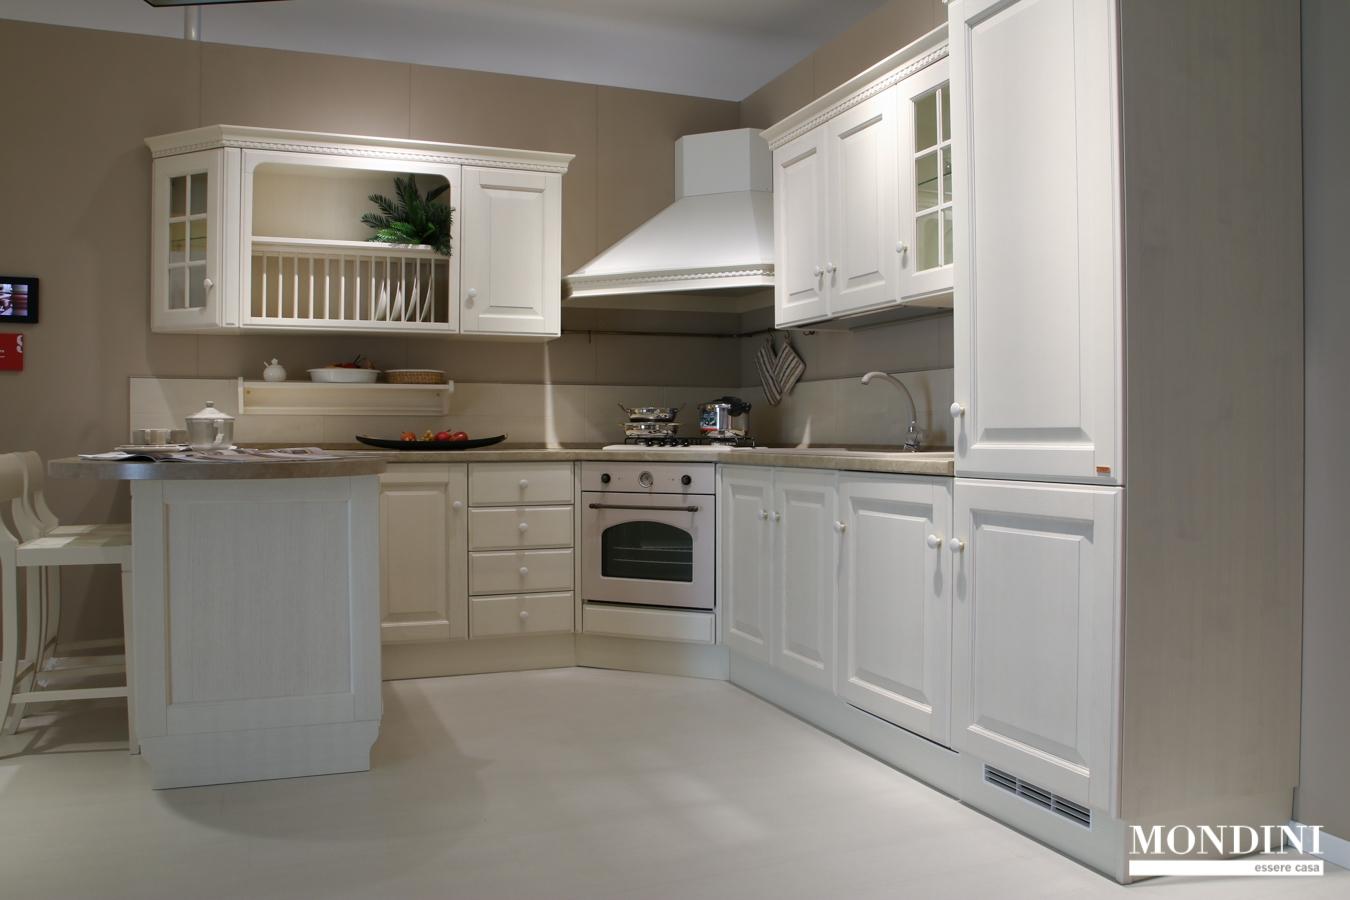 Cucina con penisola scavolini modello baltimora scontata - Penisola cucina ikea ...